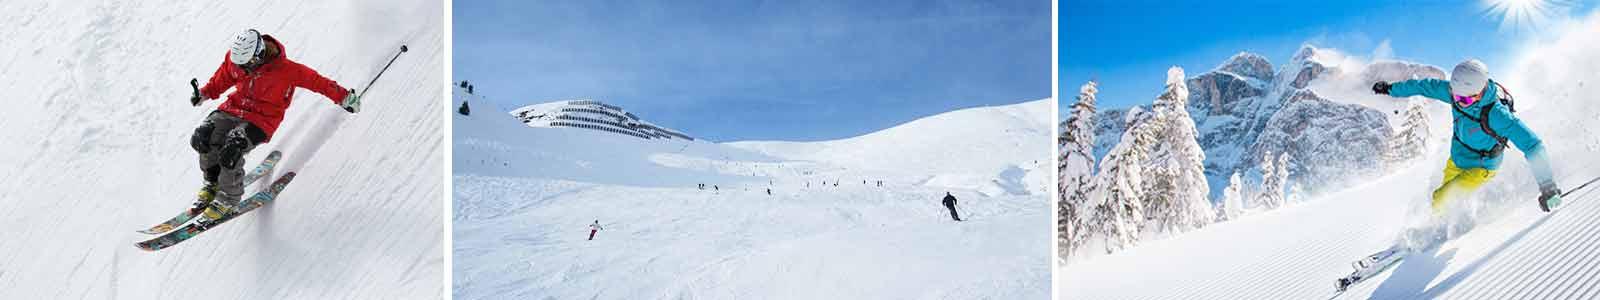 Foto av slalom